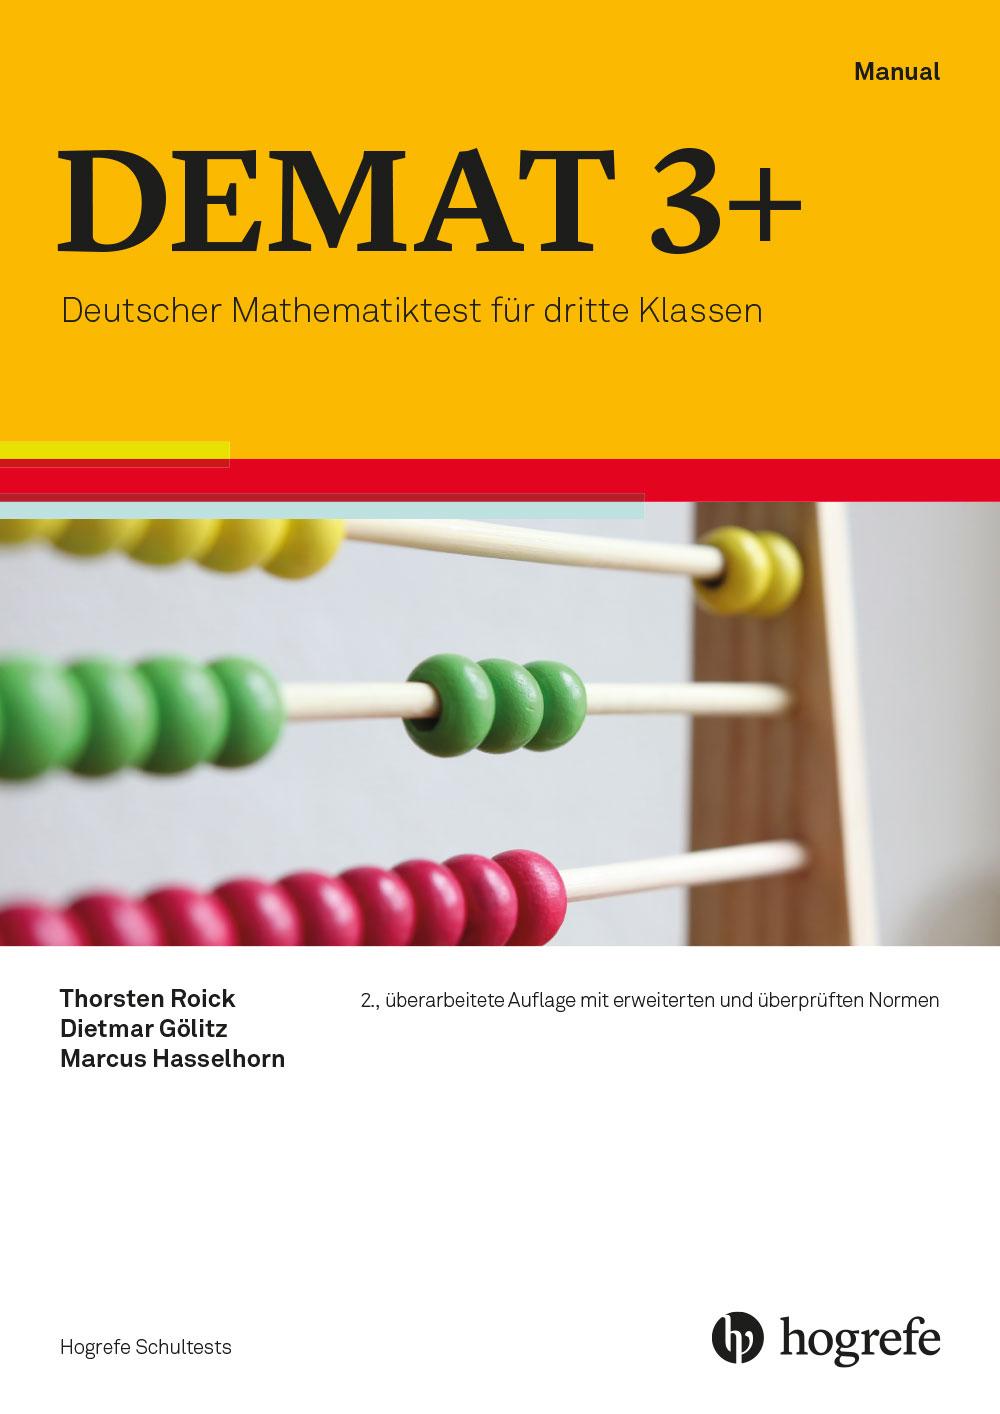 Test komplett bestehend aus: Manual, 5 Testhefte A, 5 Testhefte B, Schablonensatz A, Schablonensatz B, 10 Klassenprofile und Mappe